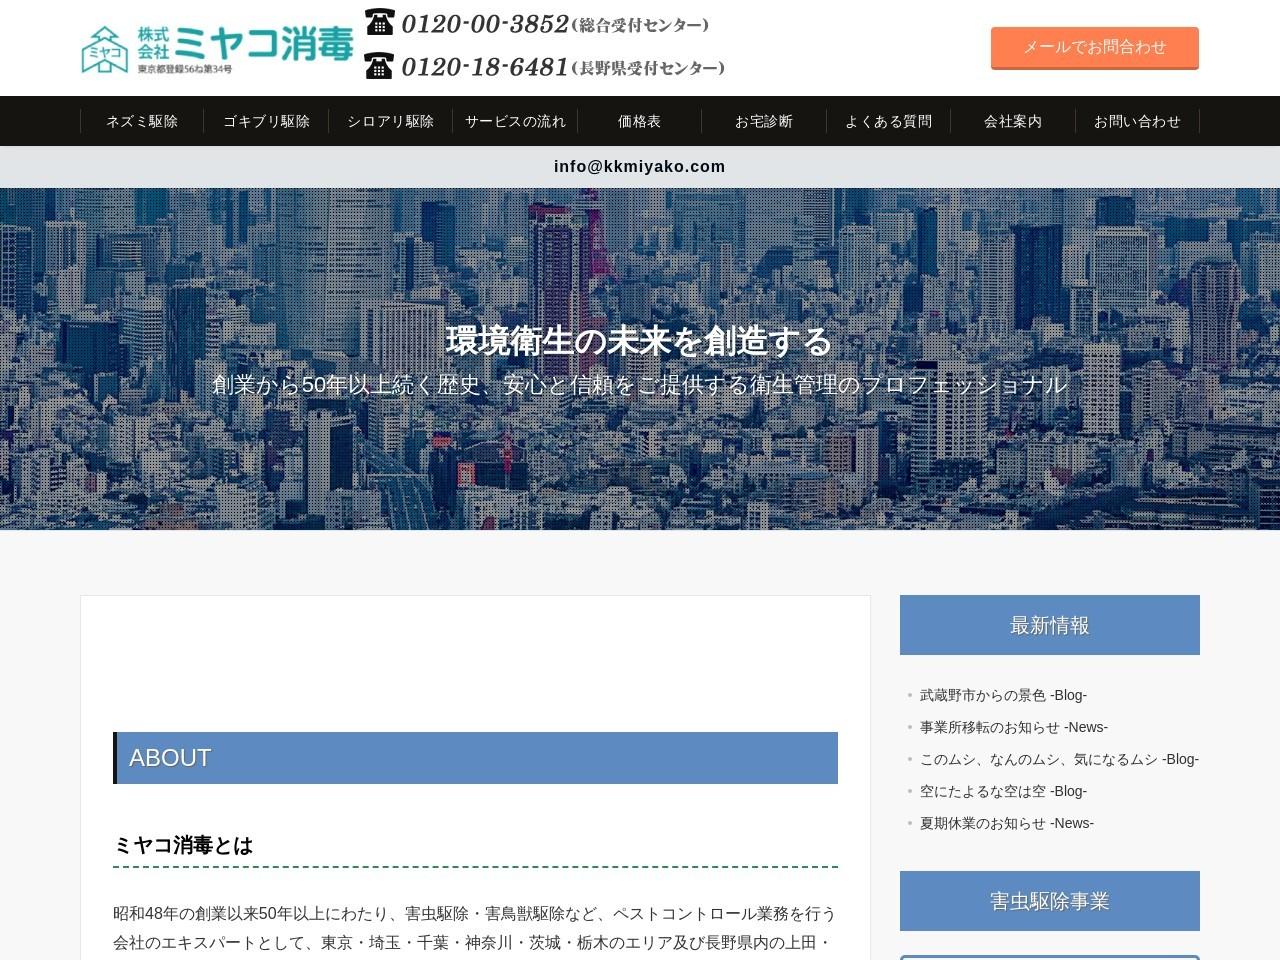 株式会社ミヤコ消毒総合受付センター